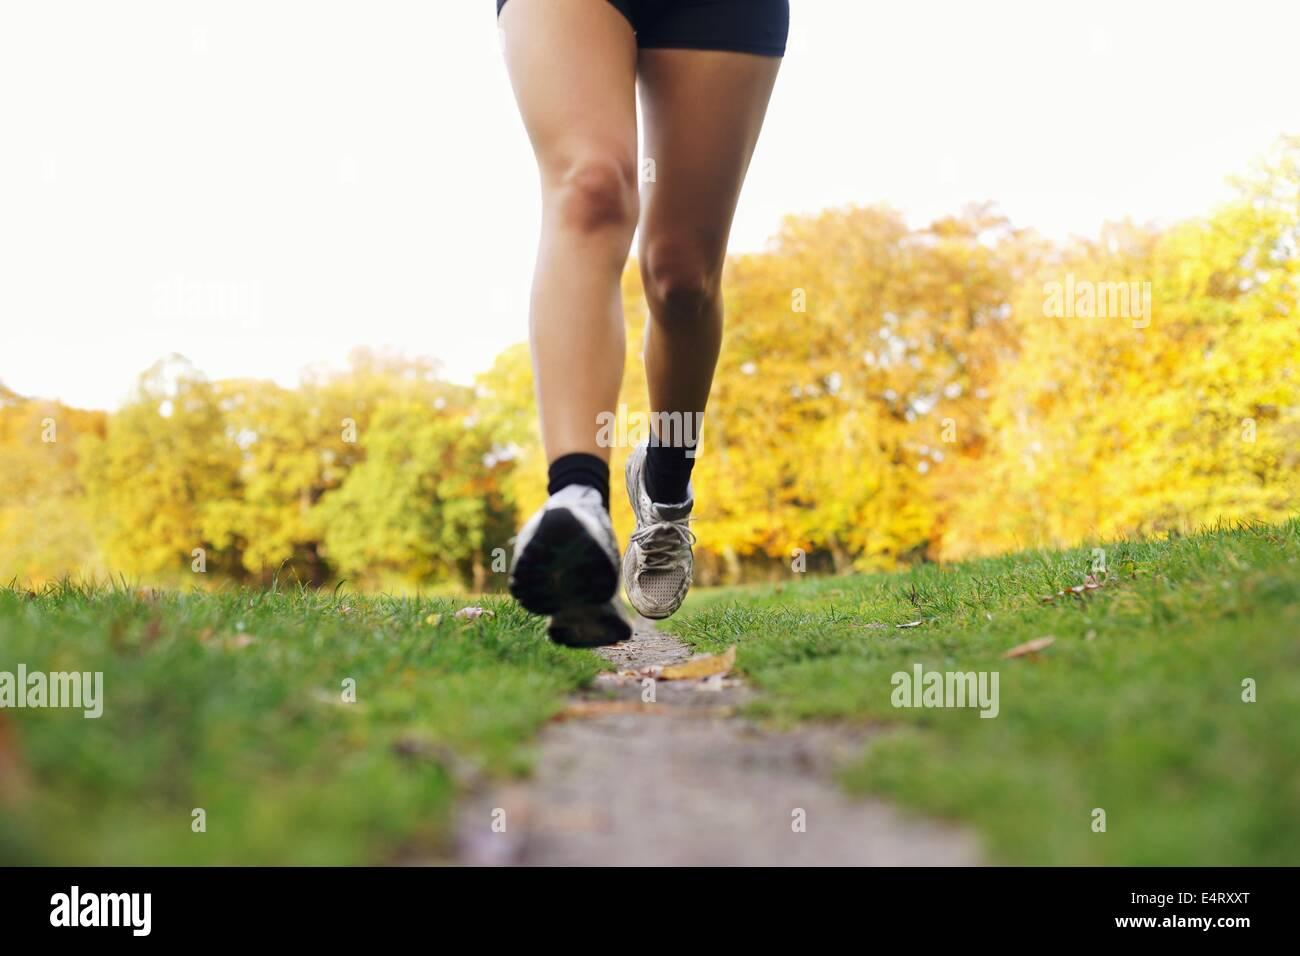 Close-up de pieds d'un runner running in park. Formation de remise en forme pour femme. Les jambes des femmes jogging Banque D'Images